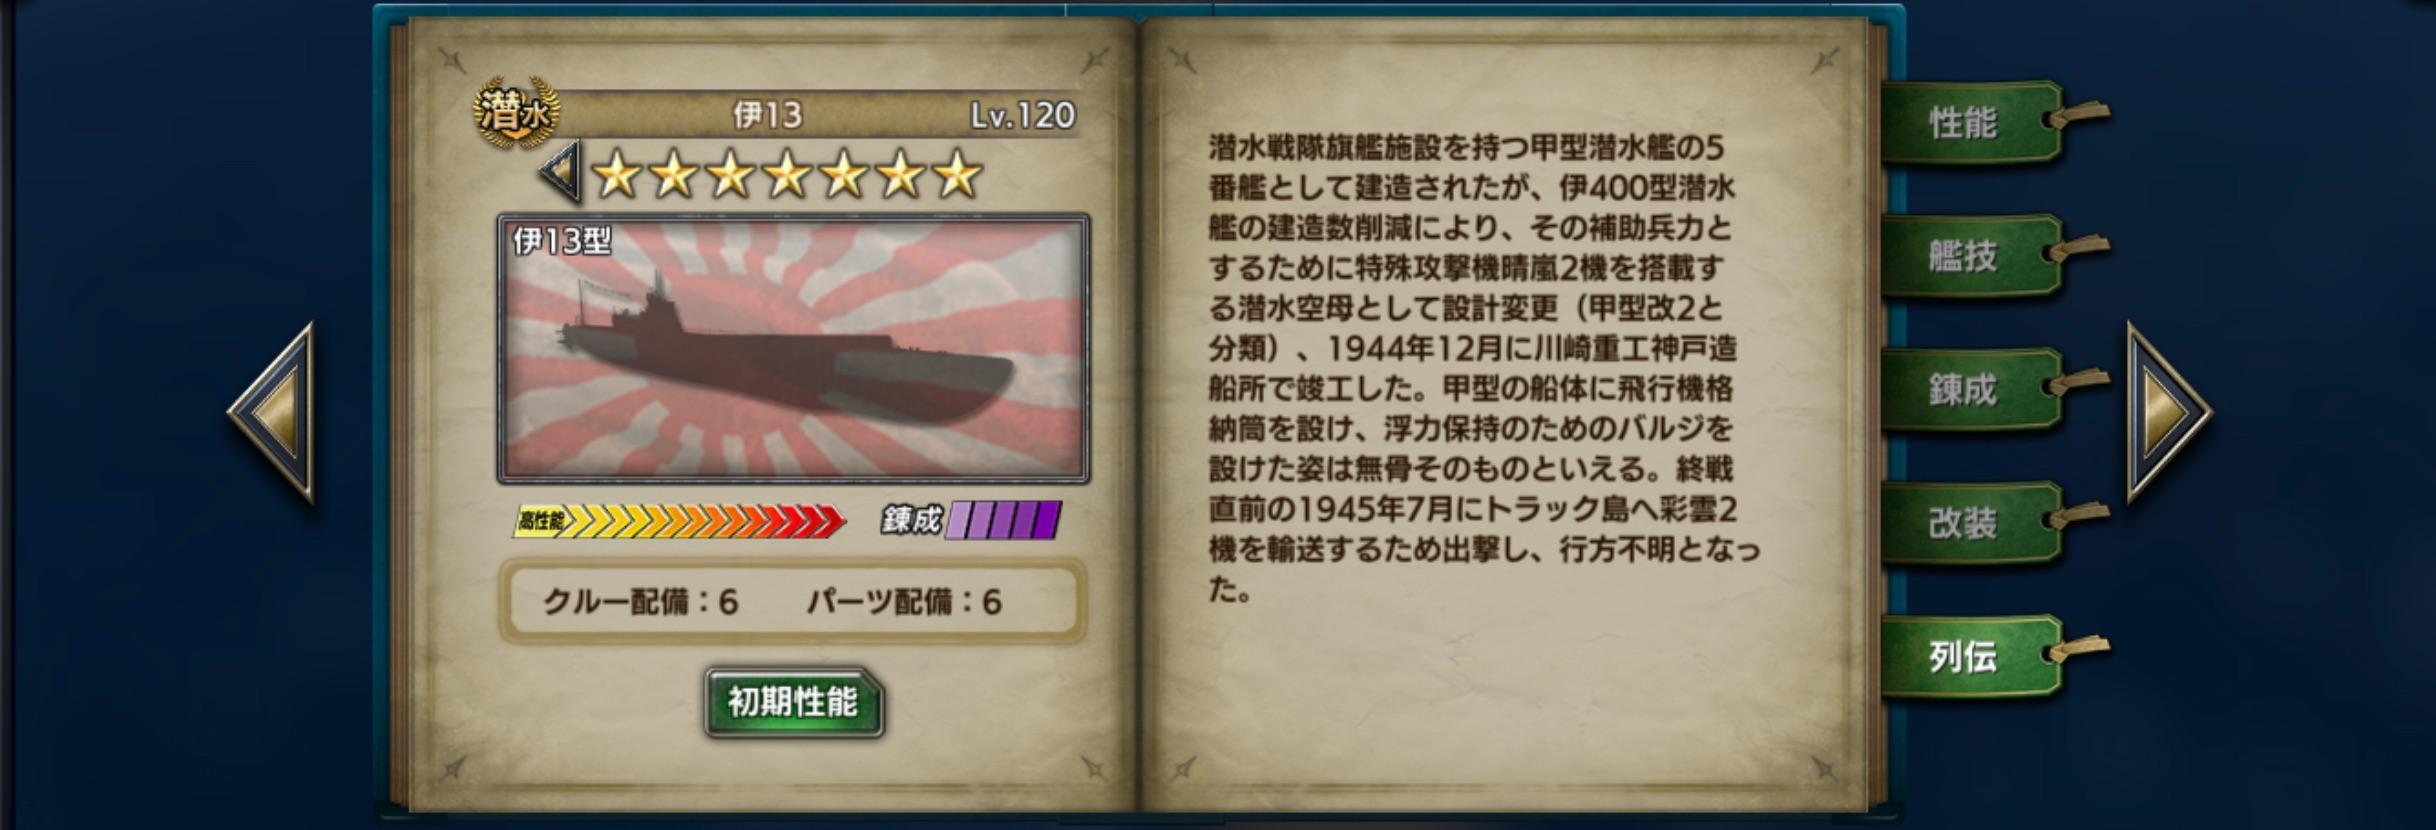 i13-history